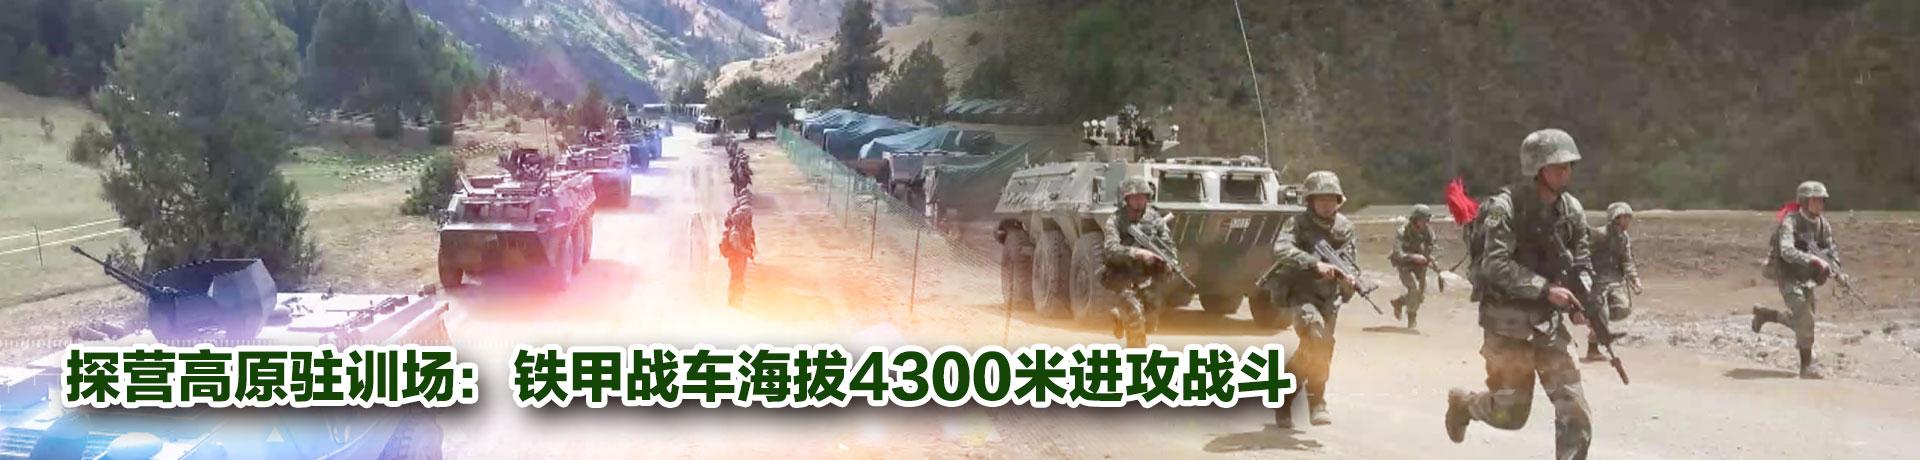 探营高原驻训场:铁甲战车海拔4300米进攻战斗